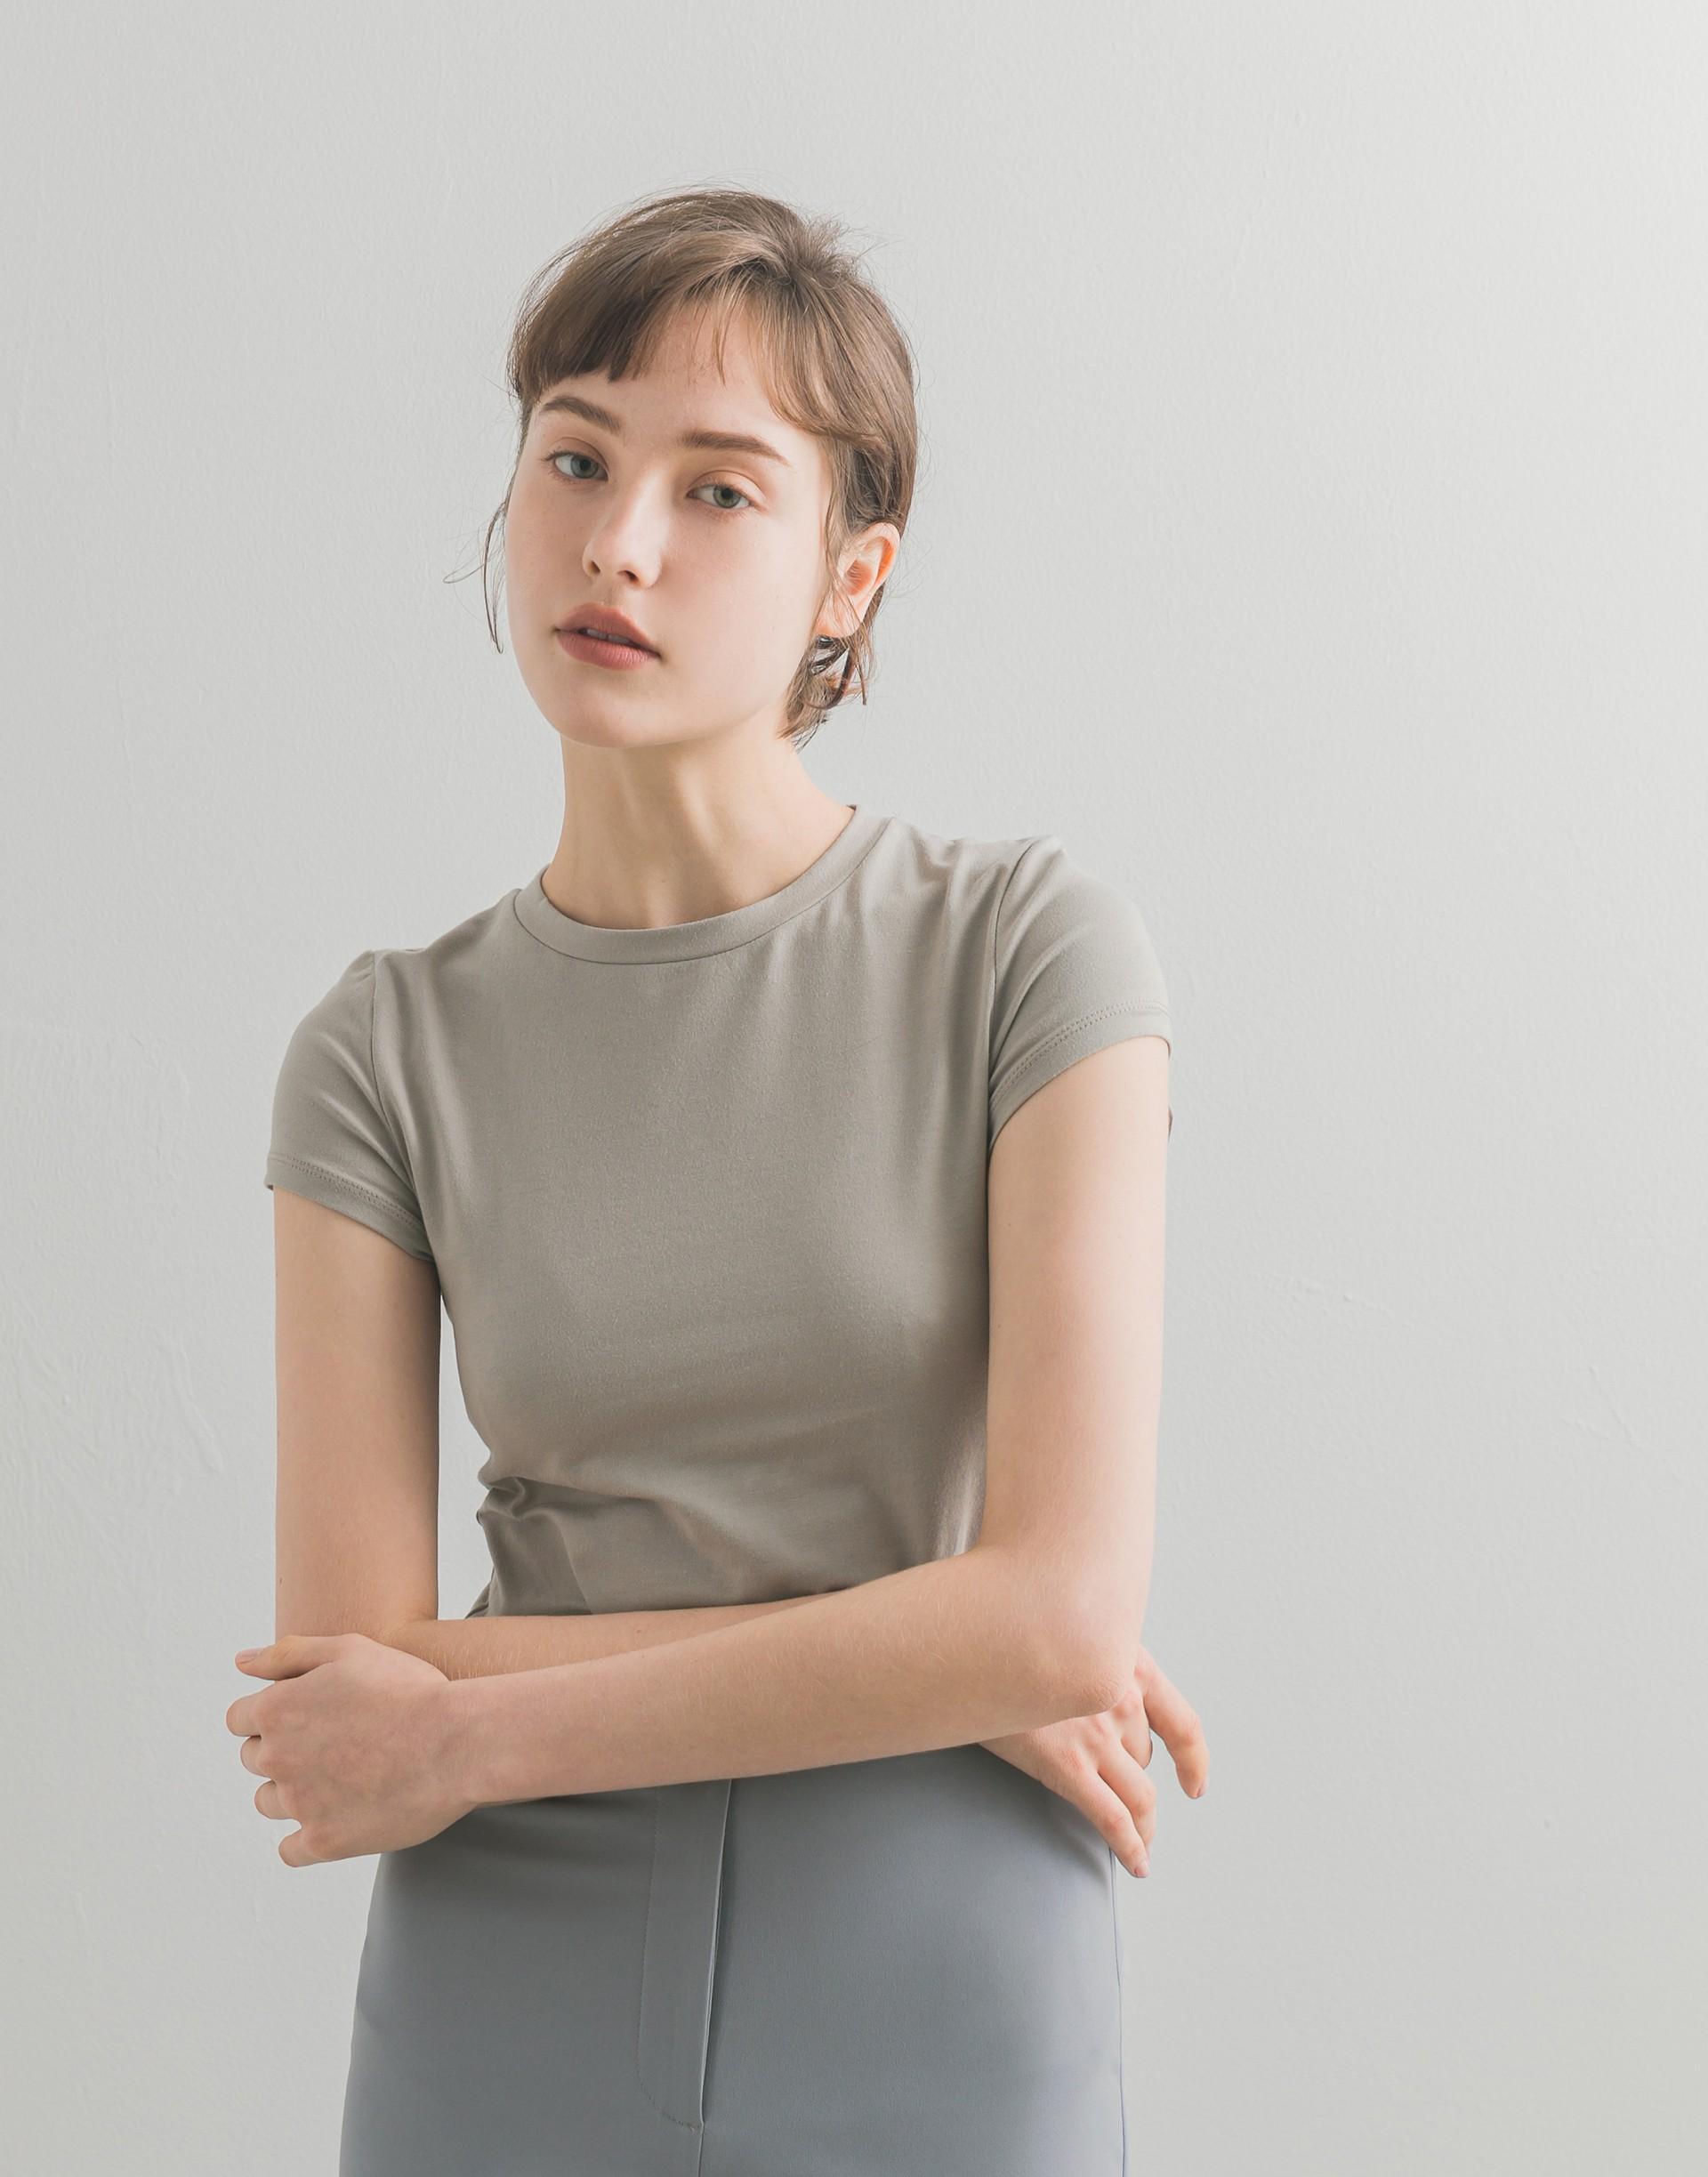 彈性:適中 親膚彈性棉質料、舒適合身、半袖時髦設計、修飾及顯現手臂美麗曲線